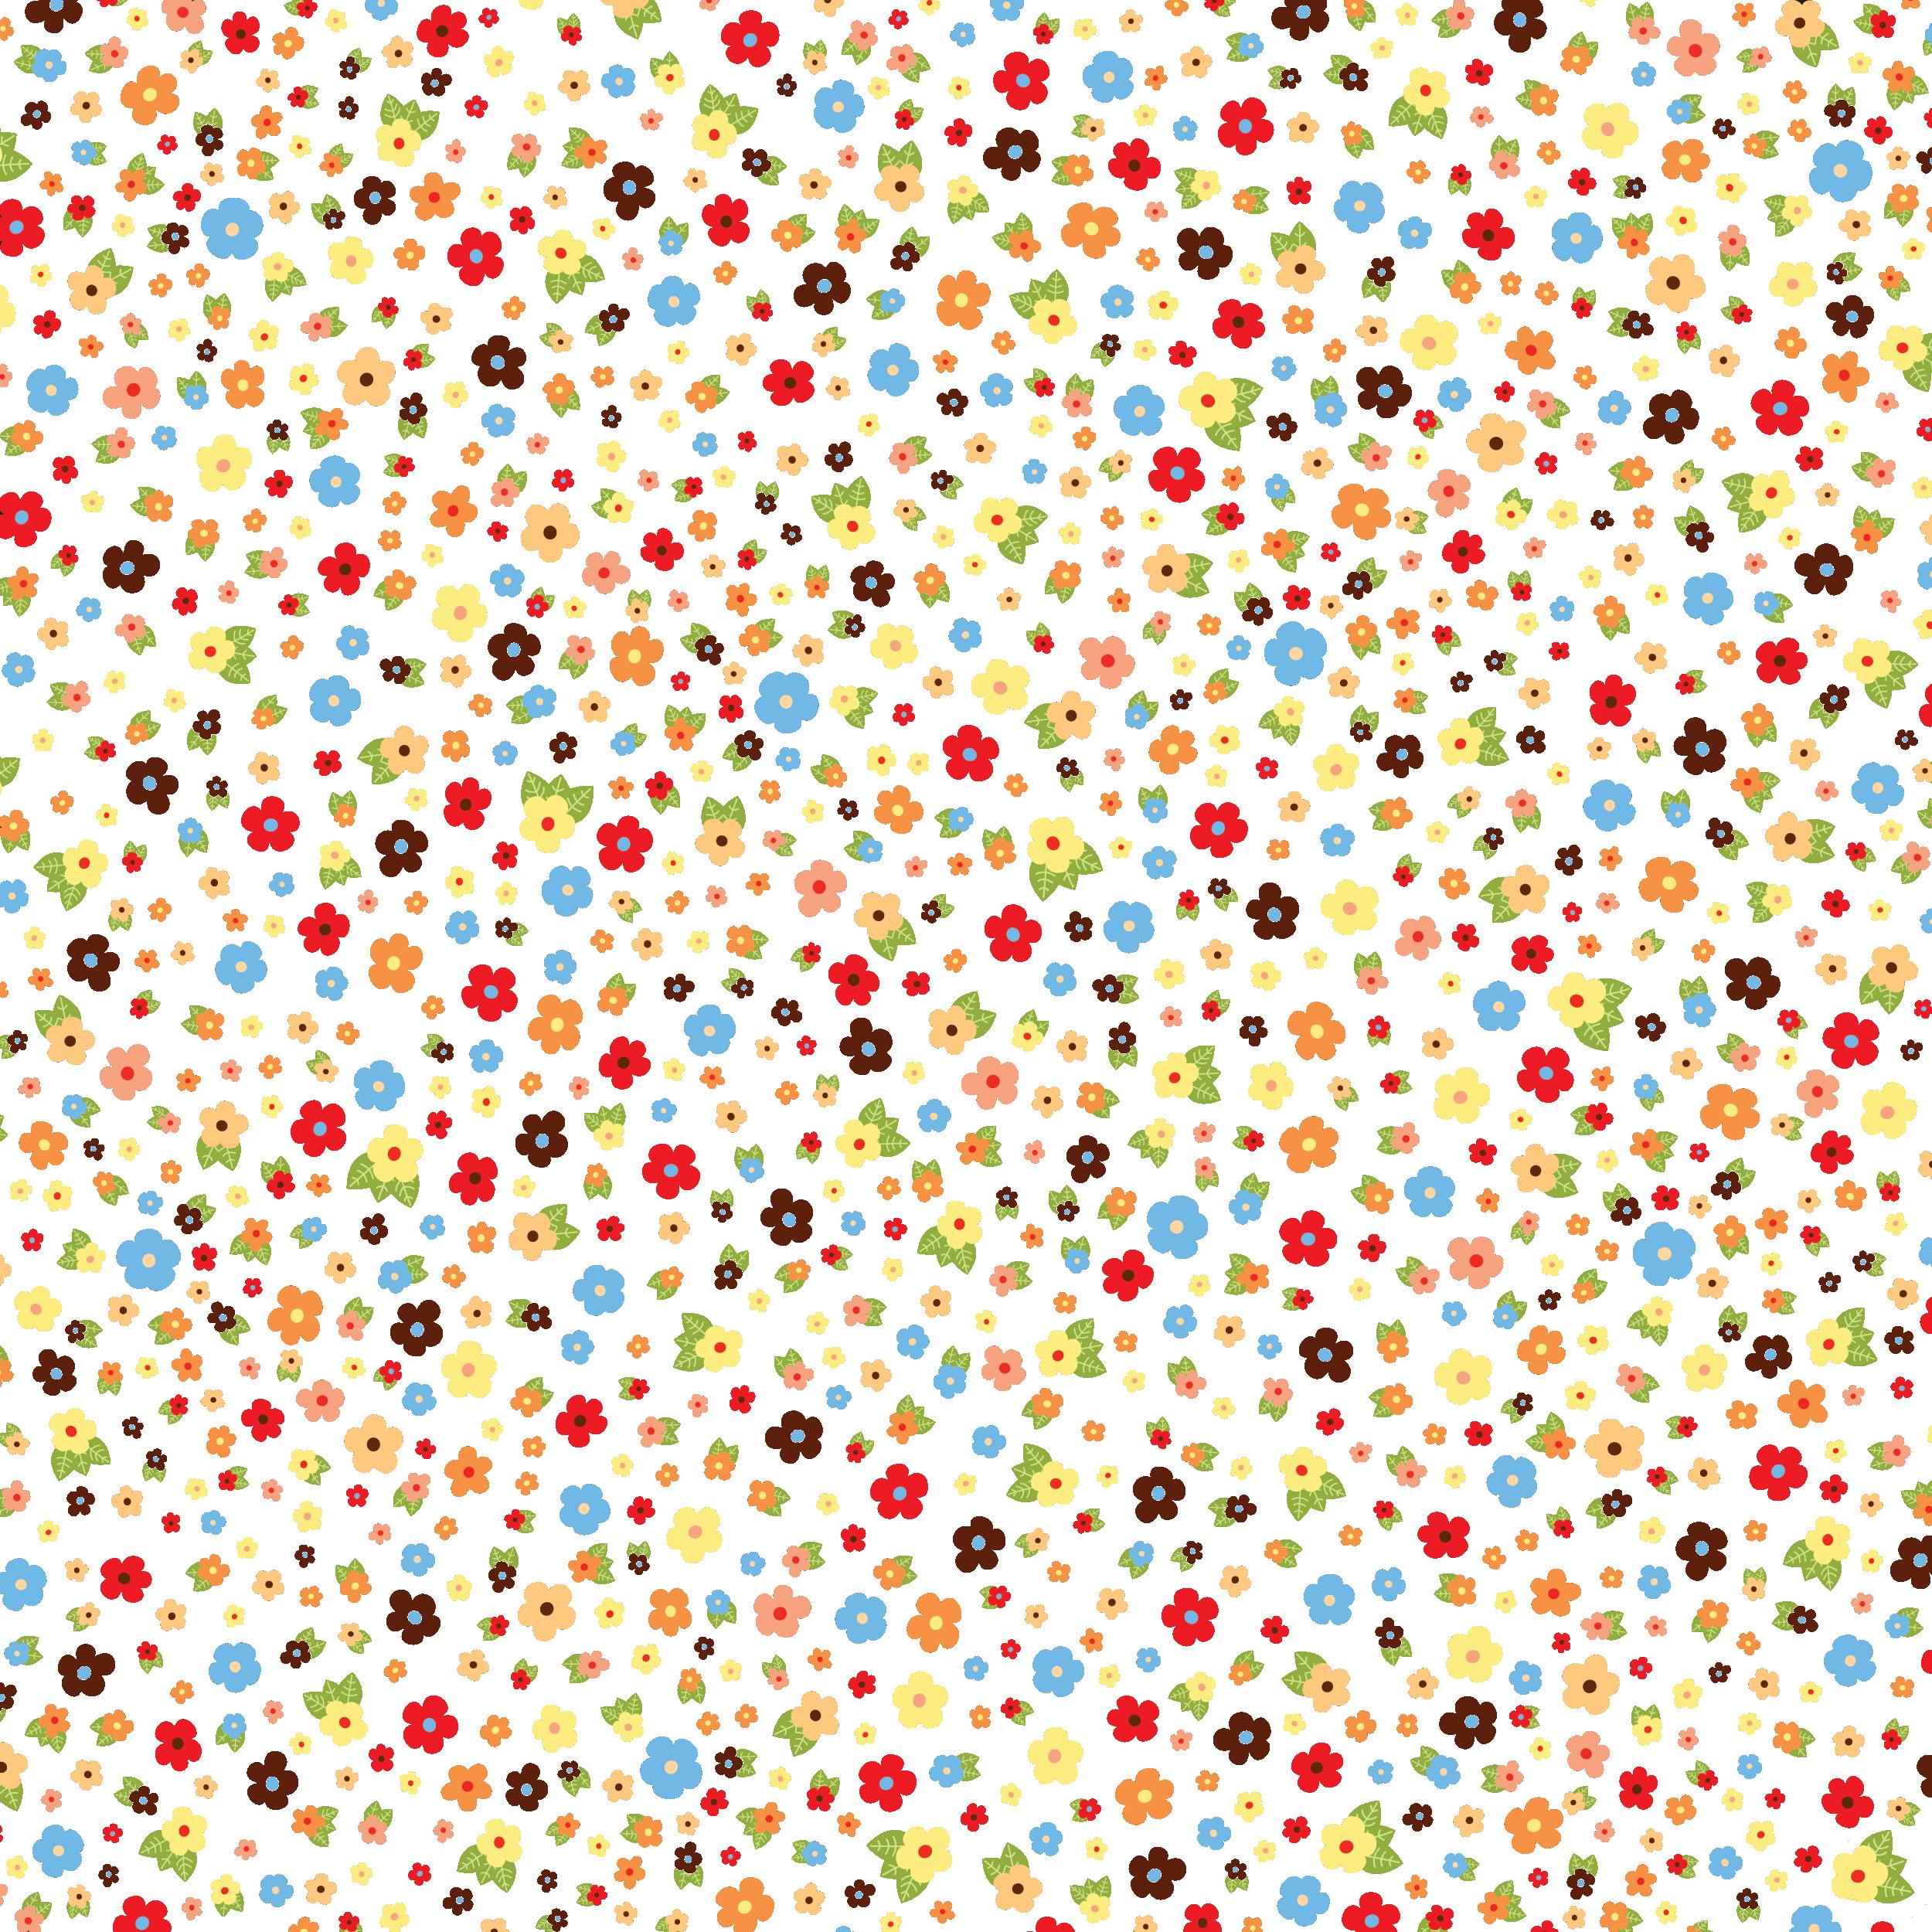 壁紙・背景イラスト『花の模様・柄・パターン』/無料のフリー素材集